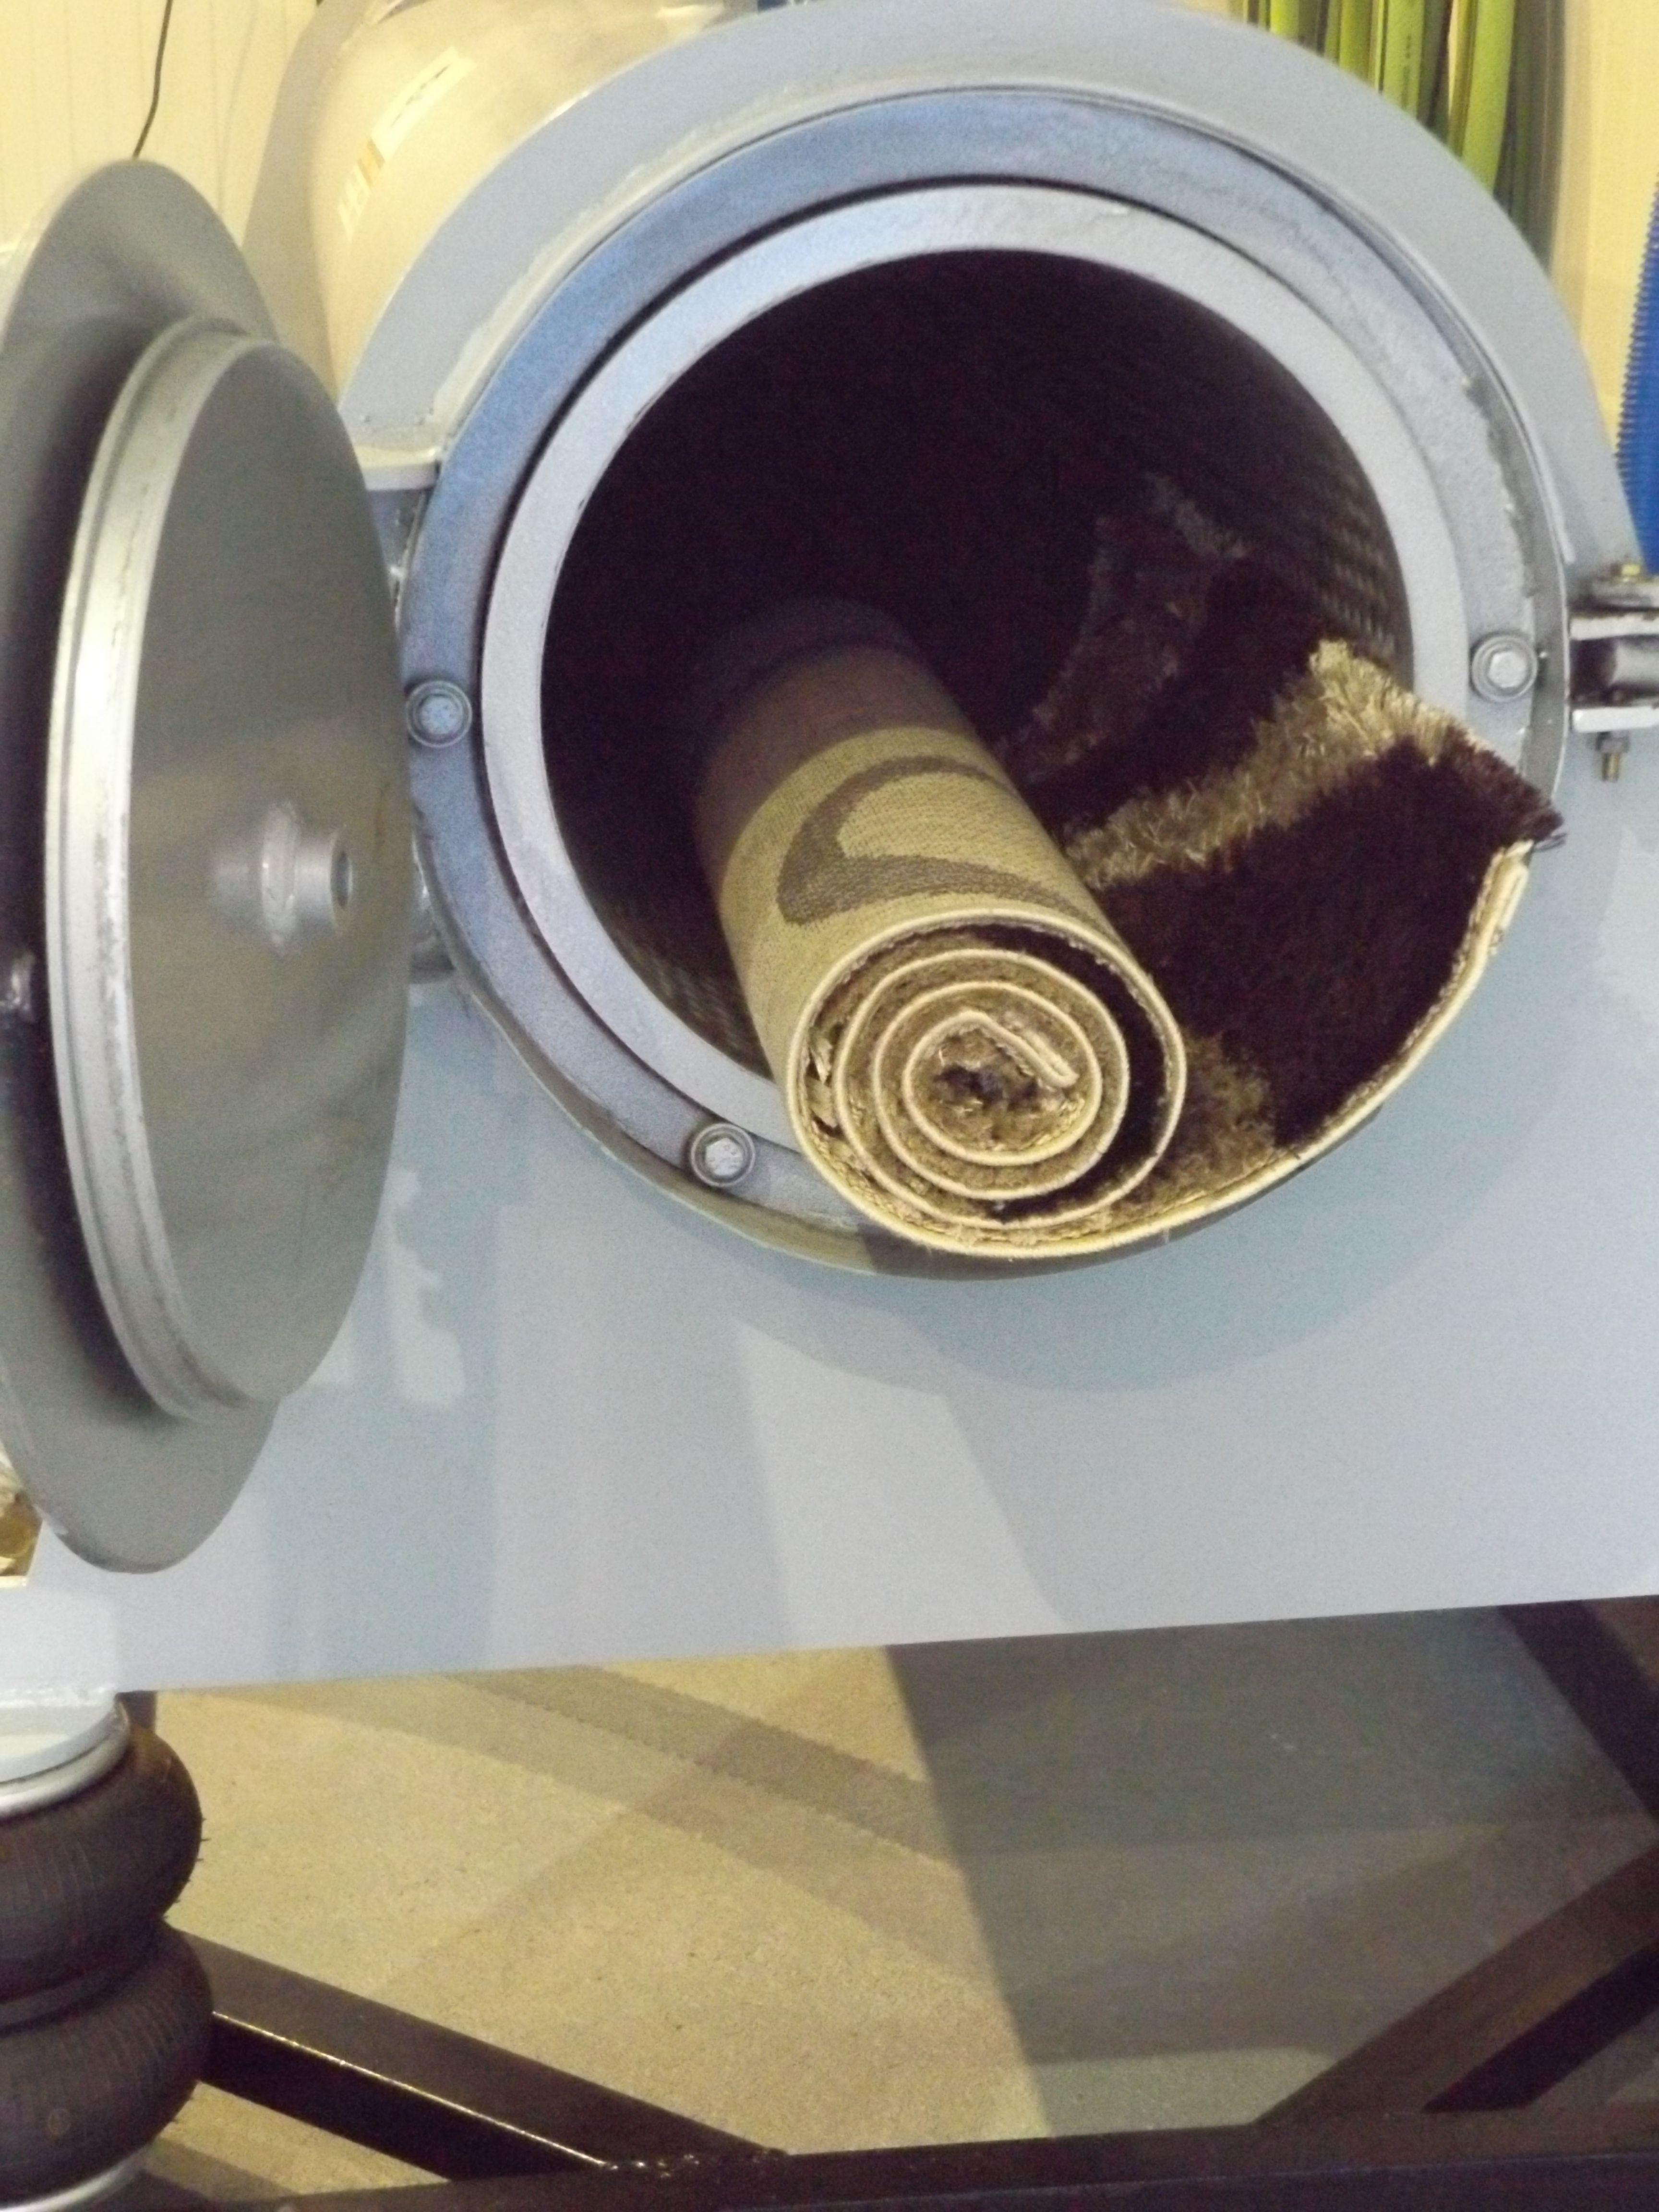 Kvalitné hĺbkové čistenie a tepovanie kobercov a čistiareň kobercov v  Košiciach  693bf54d7b7